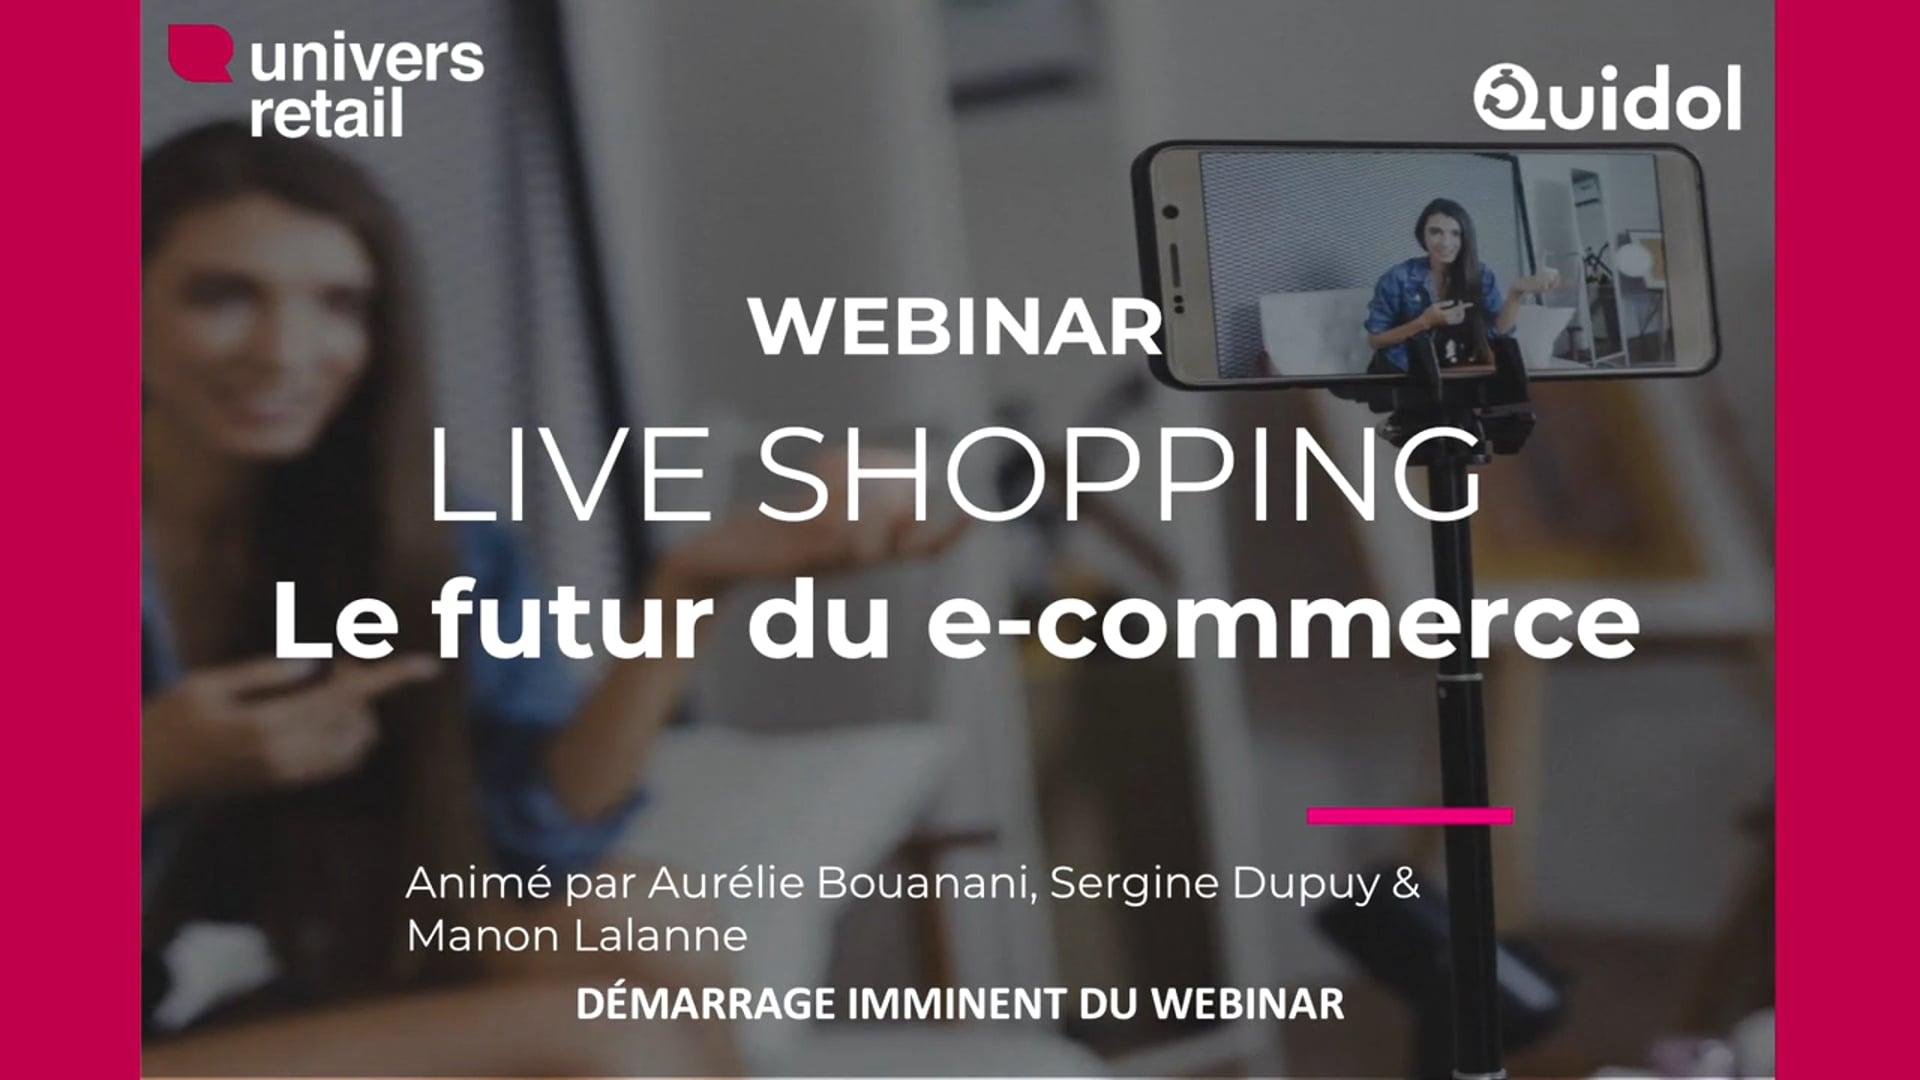 """""""Live Shopping : le futur du e-commerce"""" par Univers Retail & Quidol"""